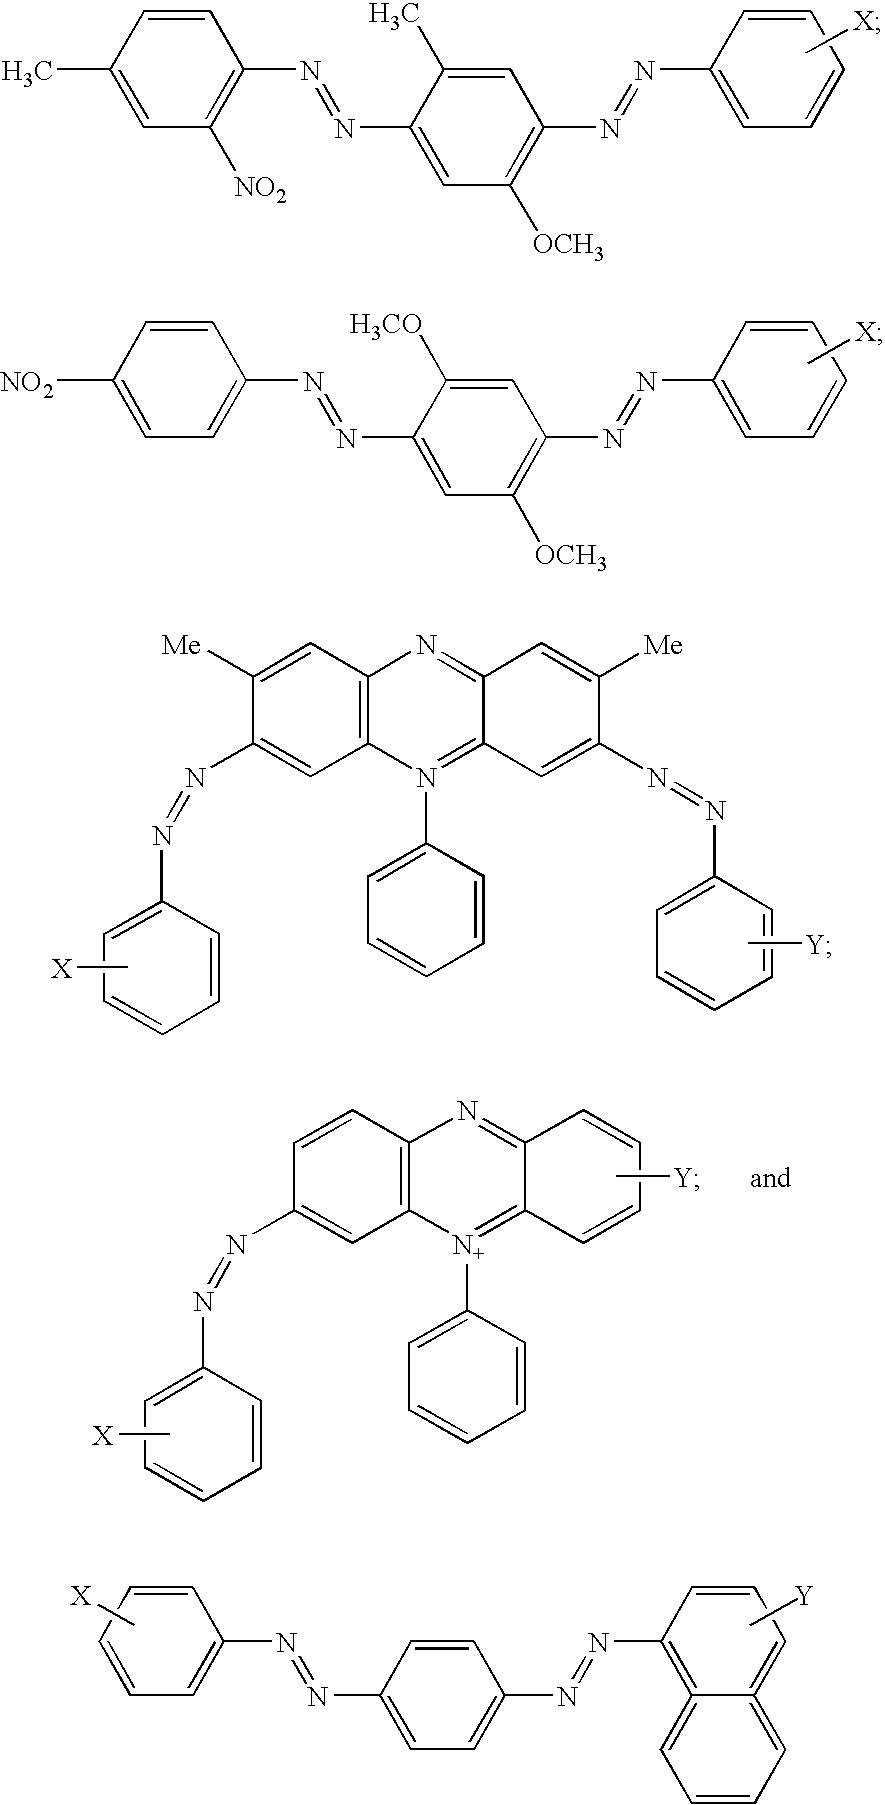 Figure US07635598-20091222-C00013